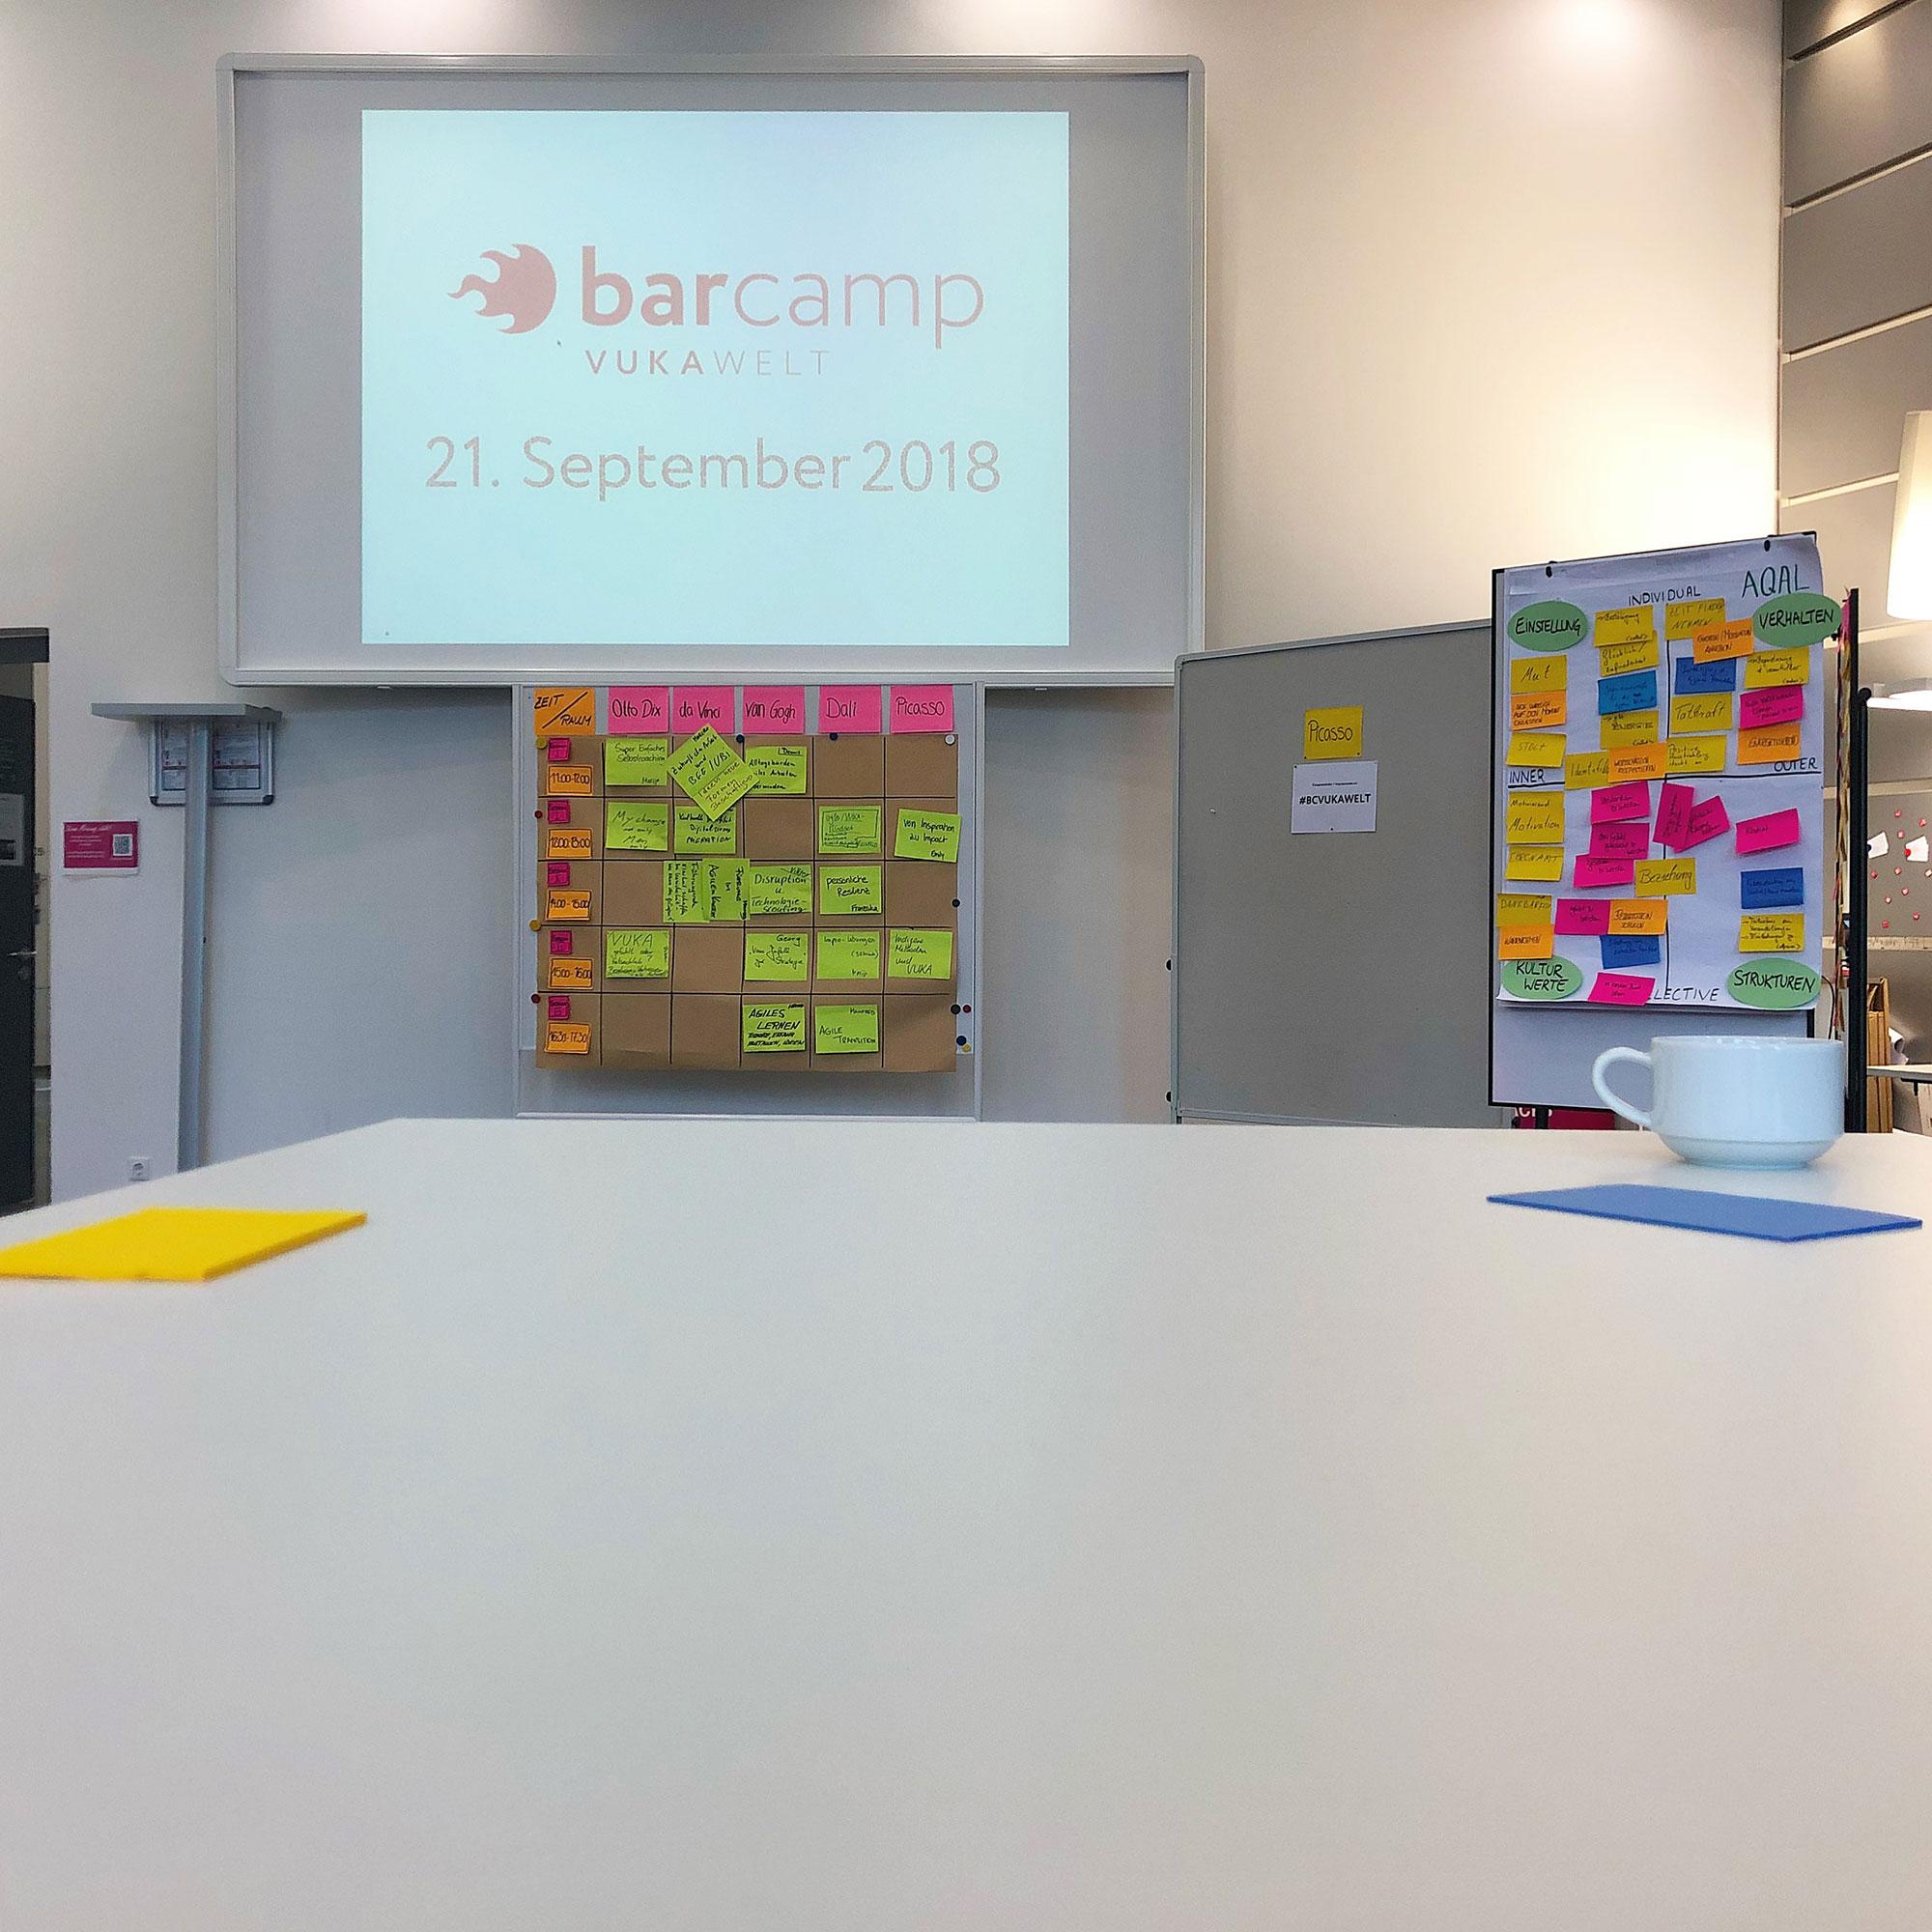 Ein fast leerer Tisch mit Haftnotizen und einer Kaffeetasse. Im Hintergrund wir das Logo des Barcamps und das Datum an die Wand projiziert, darunter sind Metaplanwände mit bunten Haftnotizen.